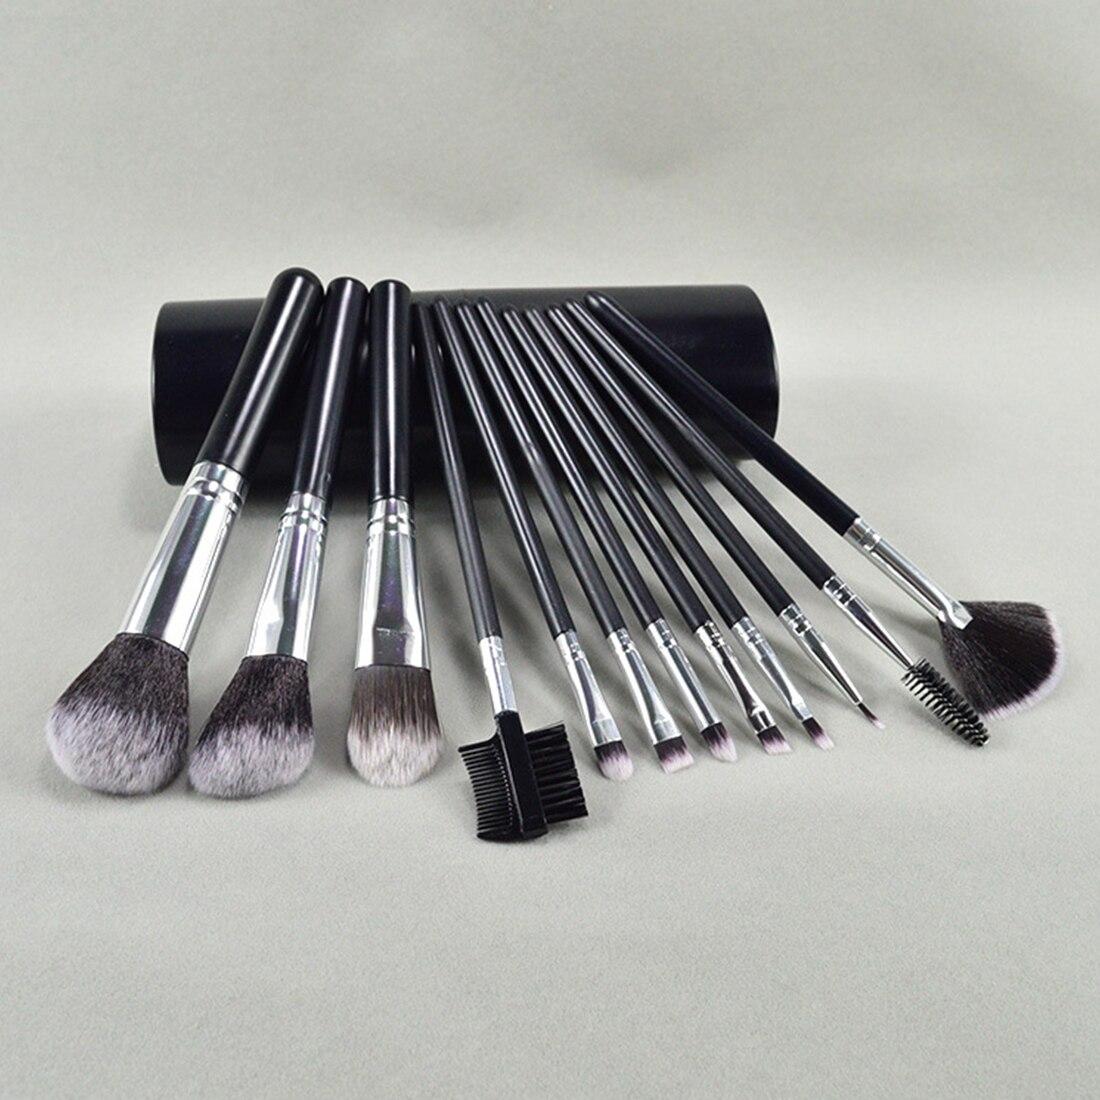 化妝桶刷套裝化妝美容化妝工具便攜式12腮紅刷粉底刷眼影刷化妝工具